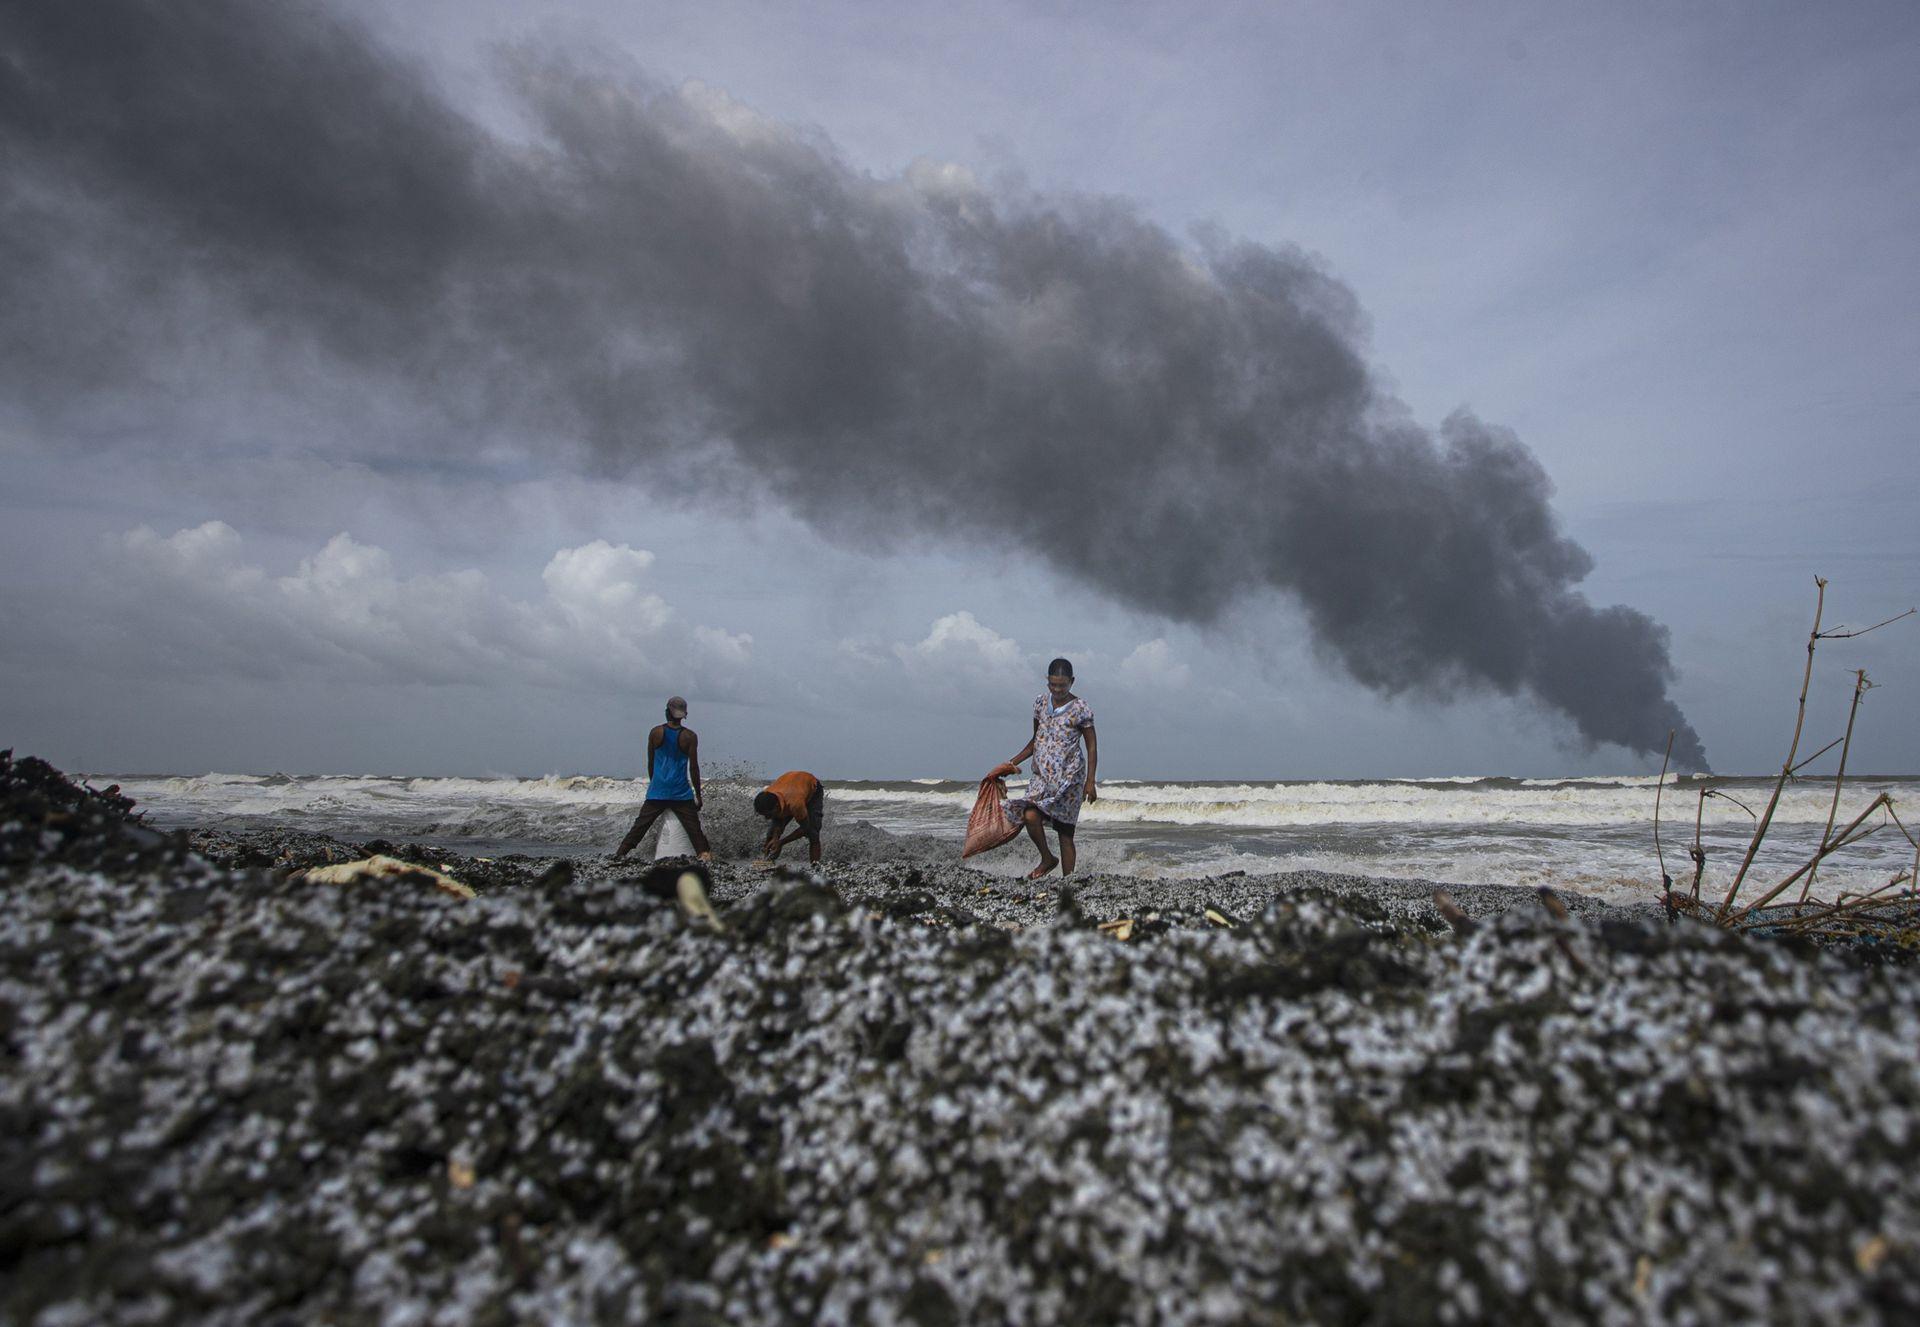 Algunas personas tratan de rescatar objetos entre los restos quemados que llegan a la costa de Sri Lanka